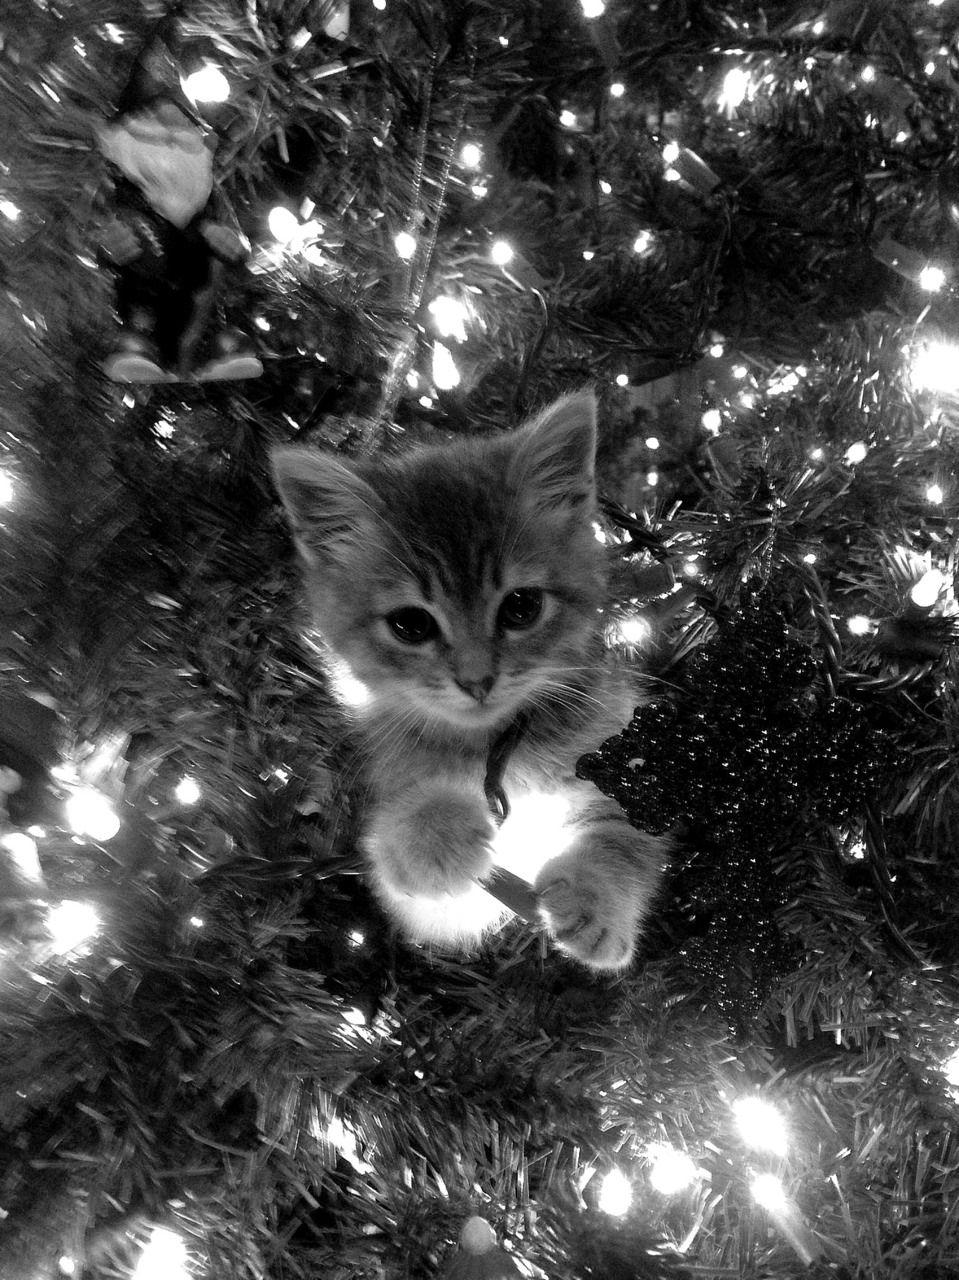 gatitos feliz navidad postales navidad arreglos adornos gatos navideos tarjetas seres vivos fotos bonitas